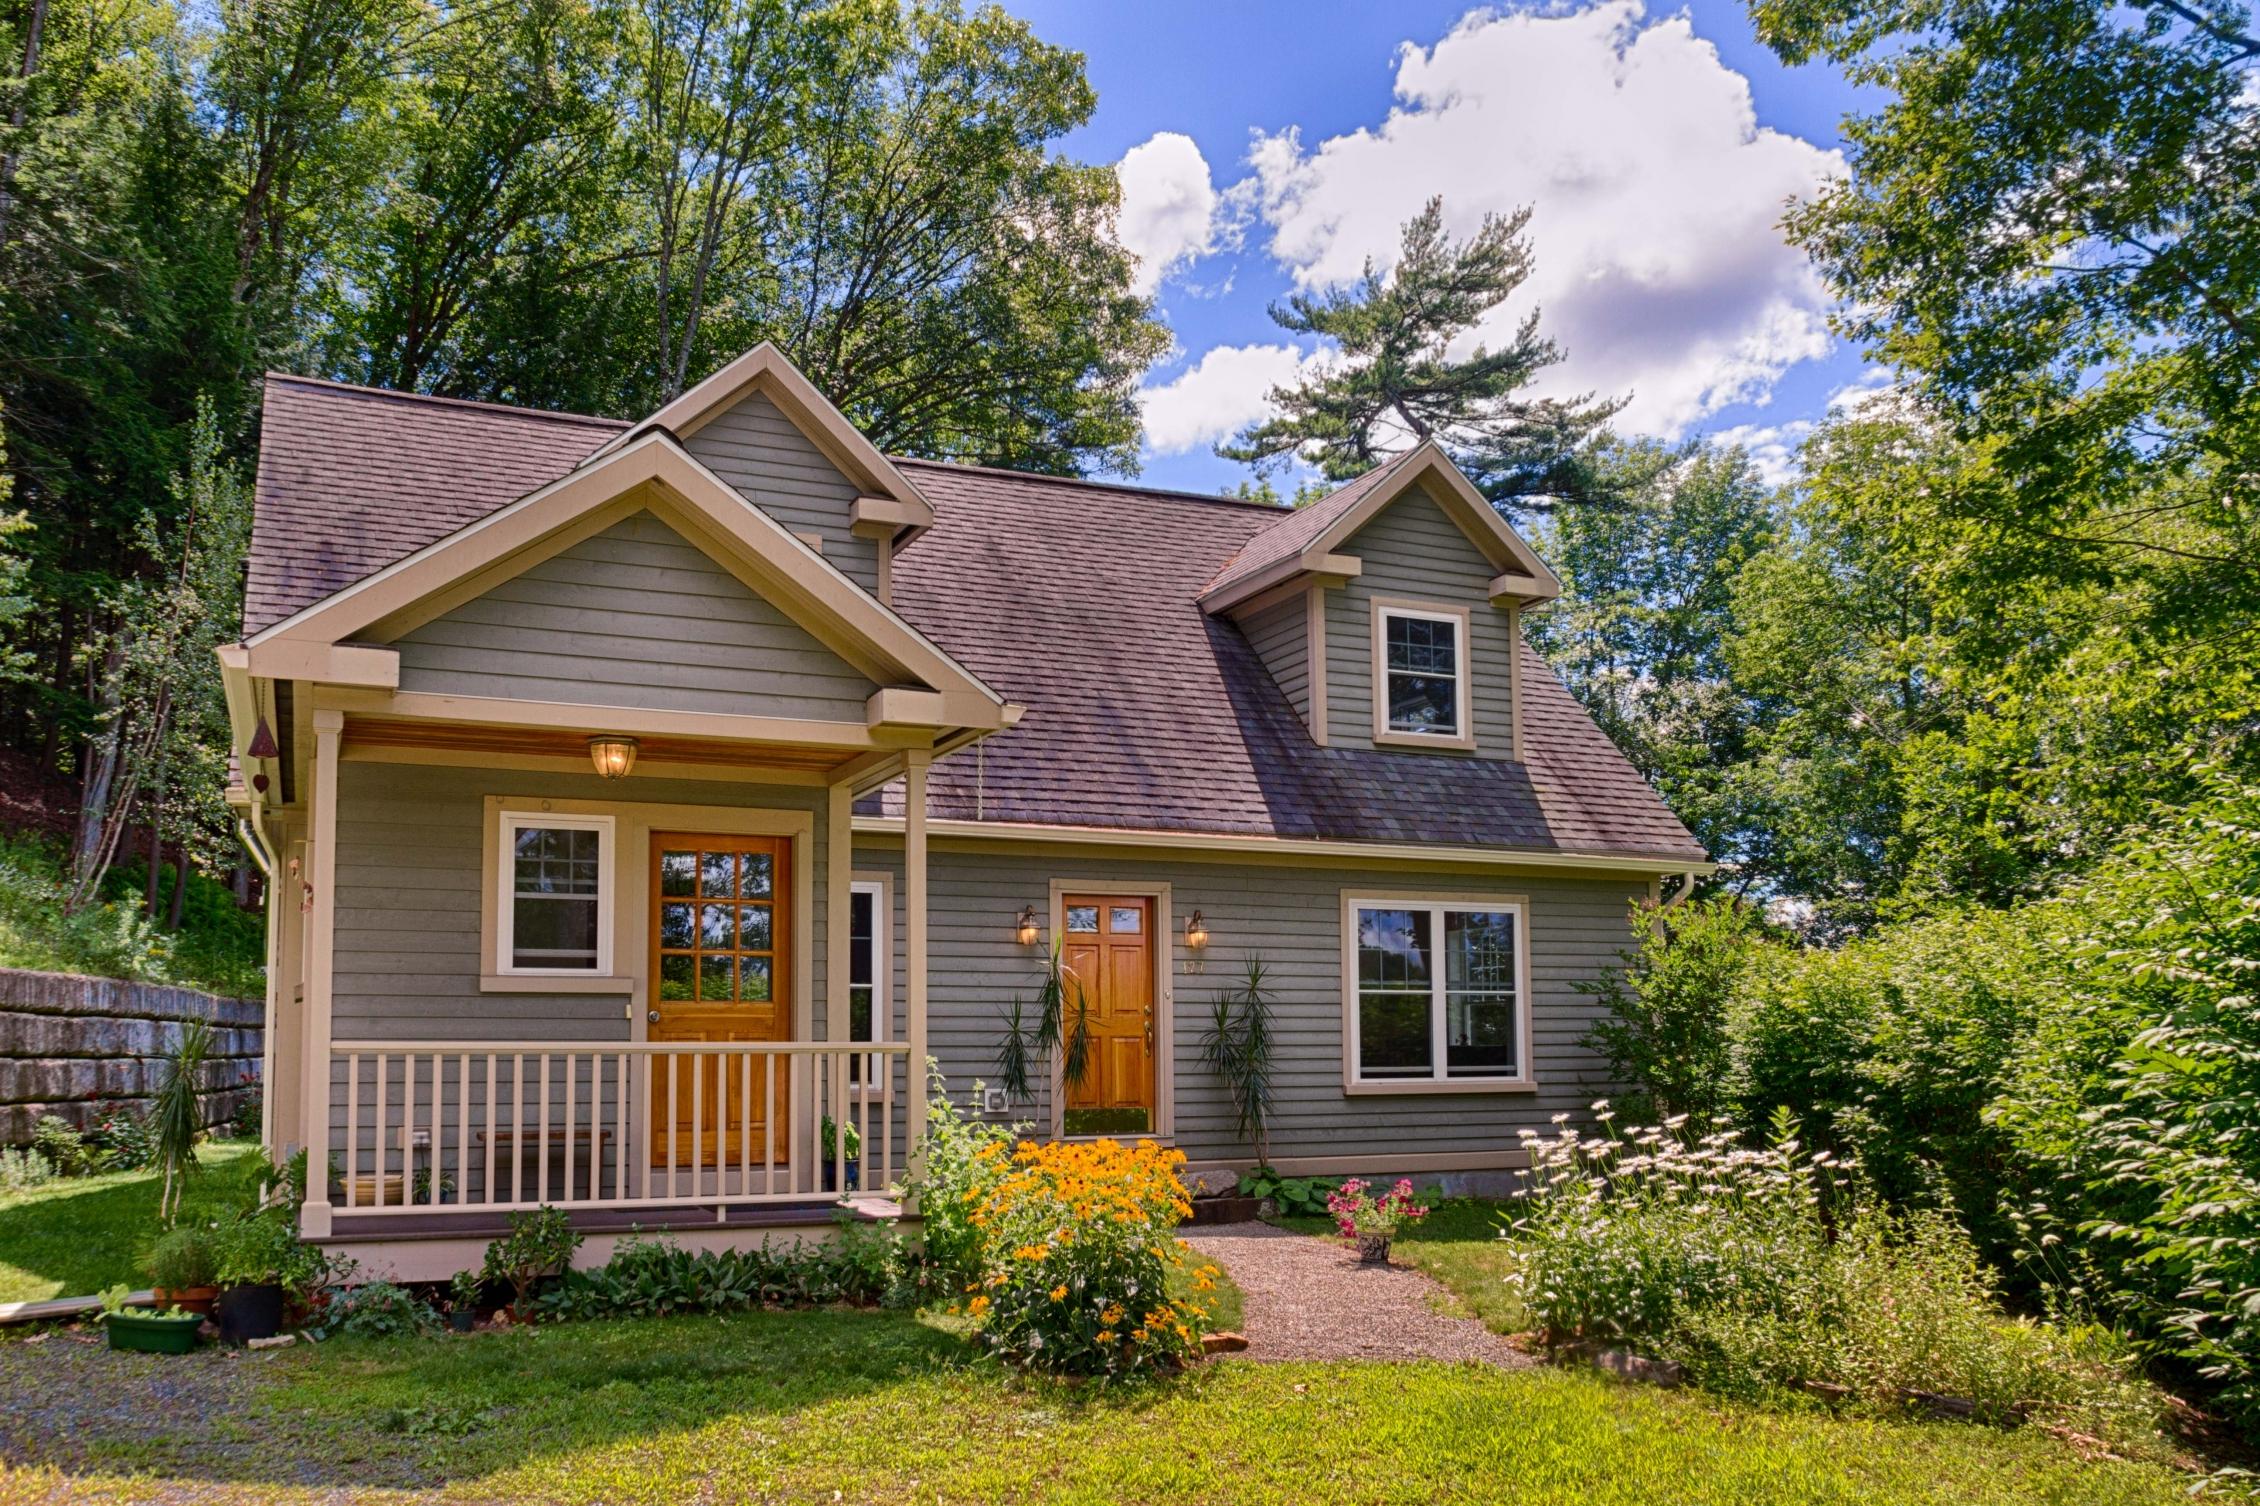 Maison unifamiliale pour l Vente à 127 Lyme Rd, Hanover Hanover, New Hampshire, 03755 États-Unis